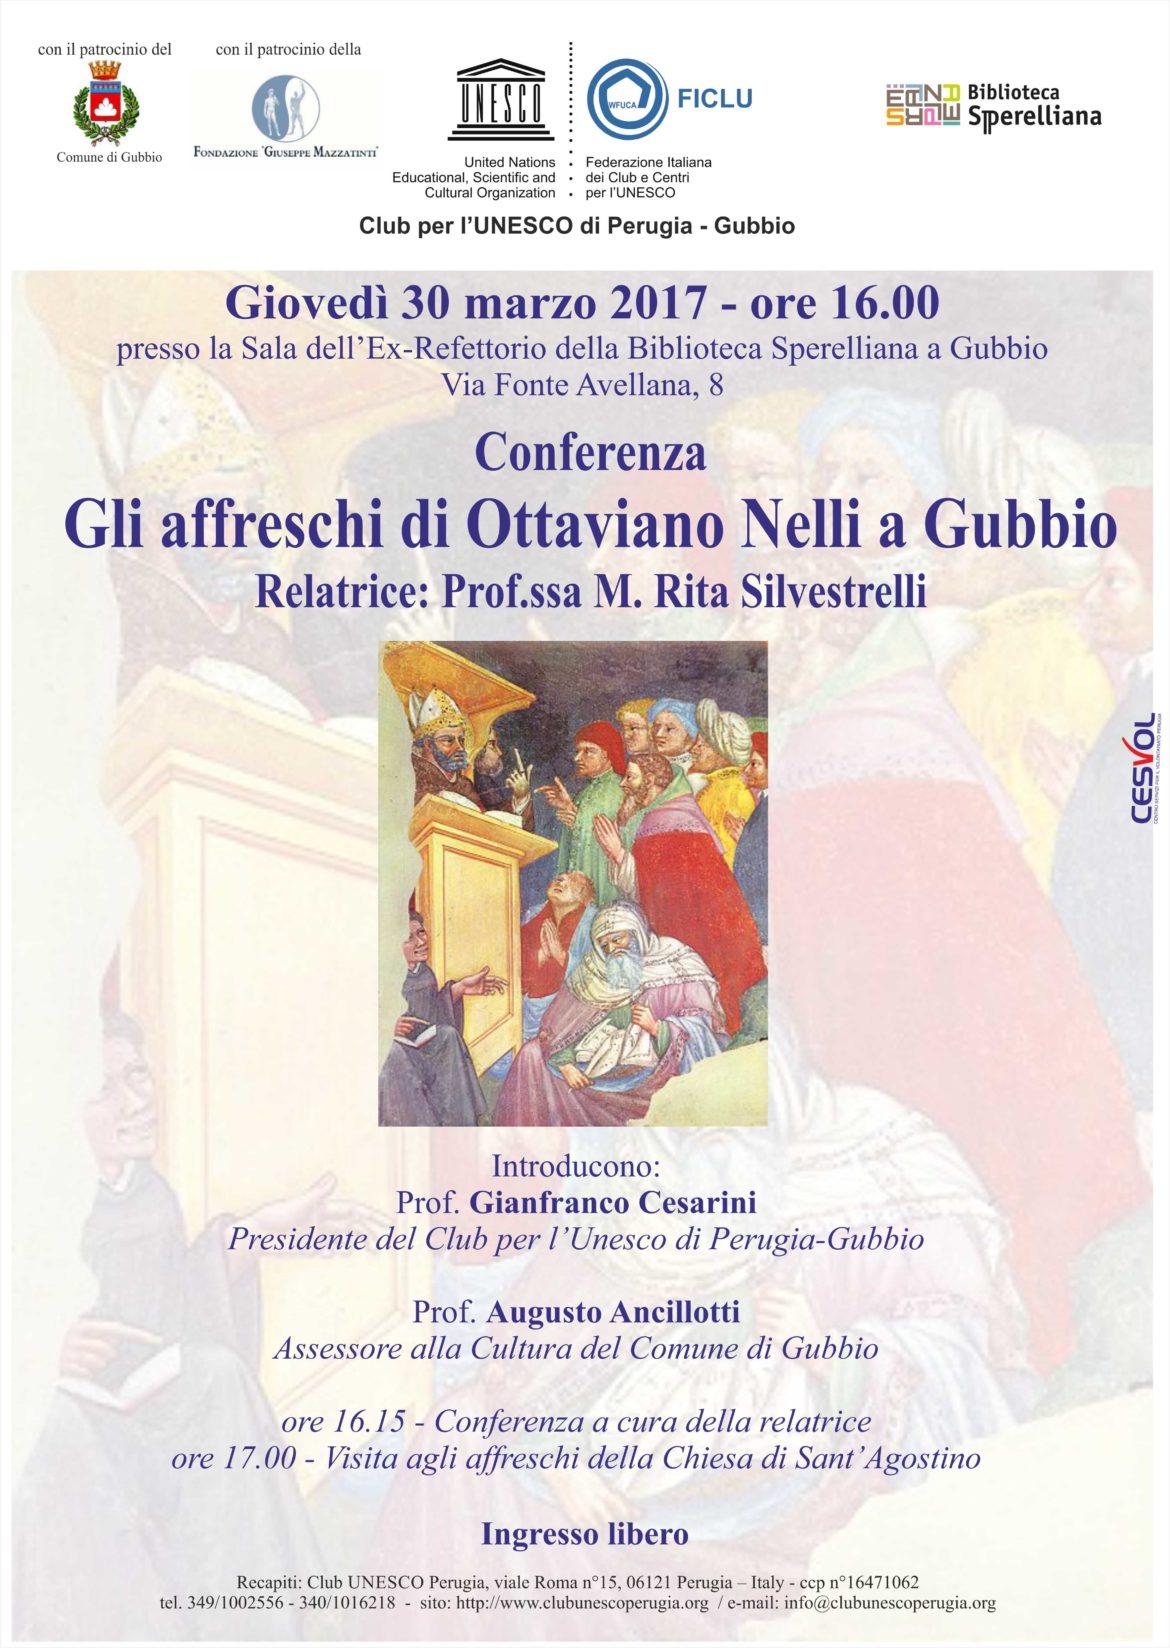 vento Unesco 30 marzo 2017 - Gubbio